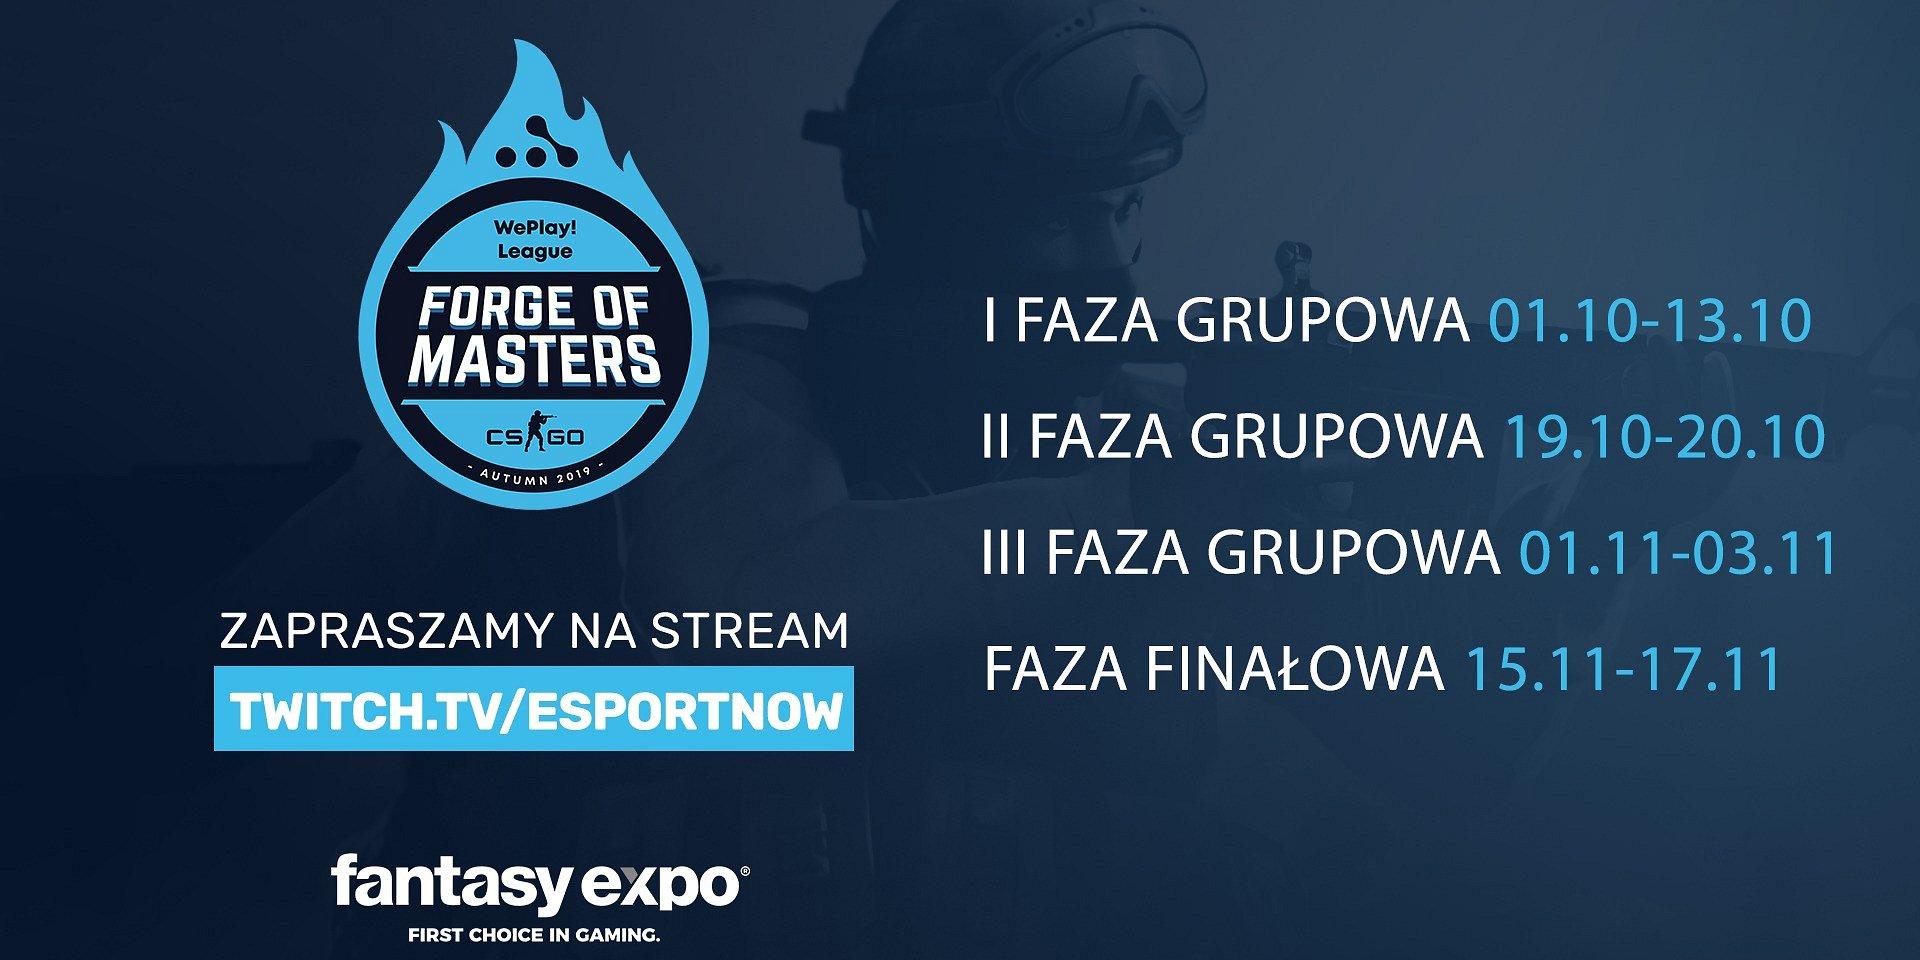 Fantasyexpo rozpieszcza kibiców CS:GO. Trwa turniej WePlay - Forge of Masters 2019 Autumn, a wraz z nim polska transmisja!